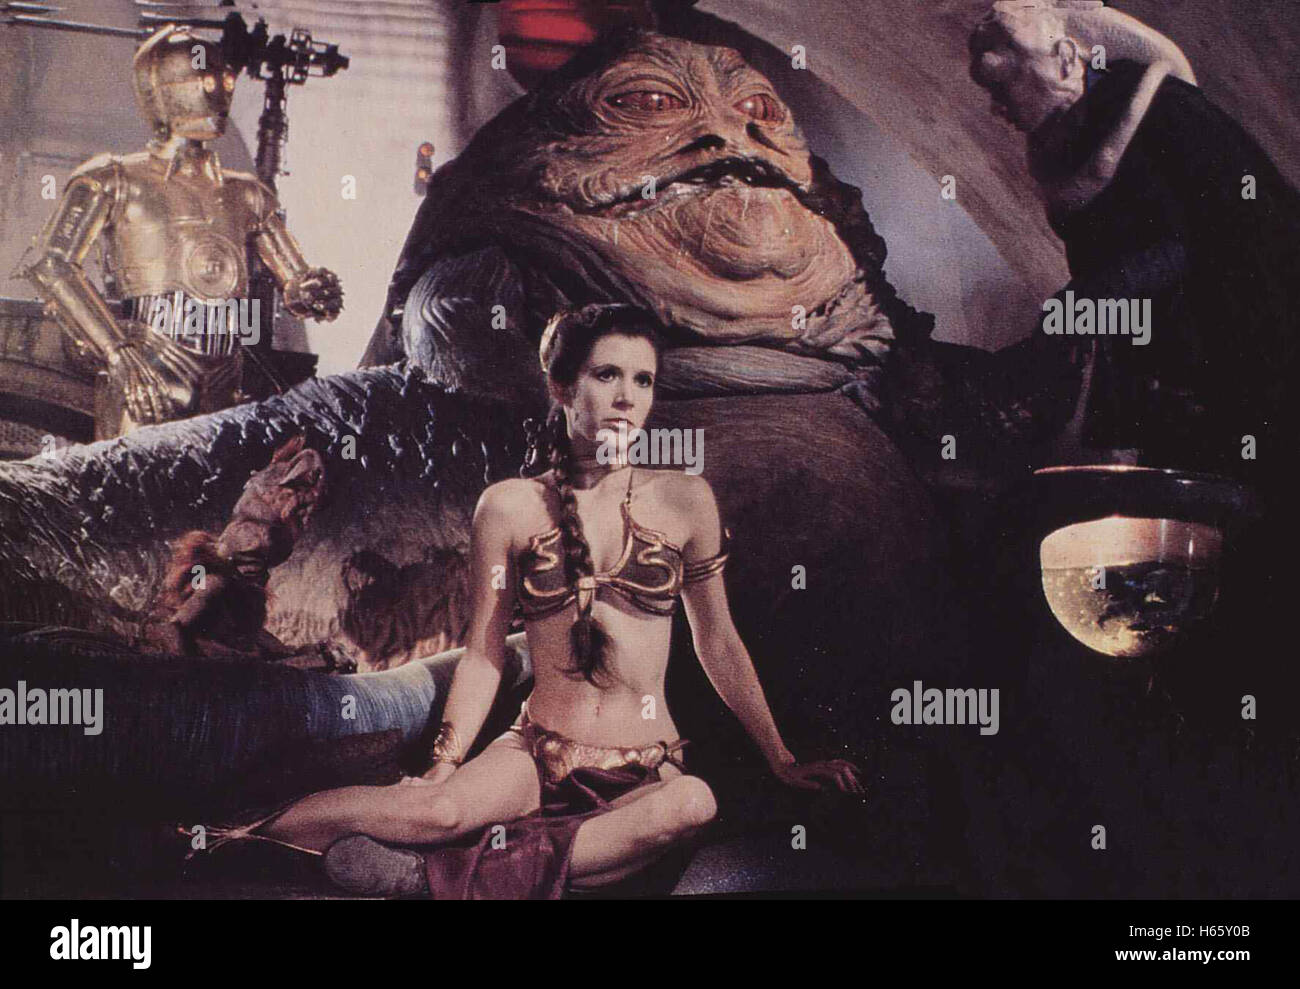 Die Rückkehr der Jedi-Ritter Star Wars - Episode VI: Return of the Jedi, USA 1983, Regisseur: Richard Marquand, - Stock Image